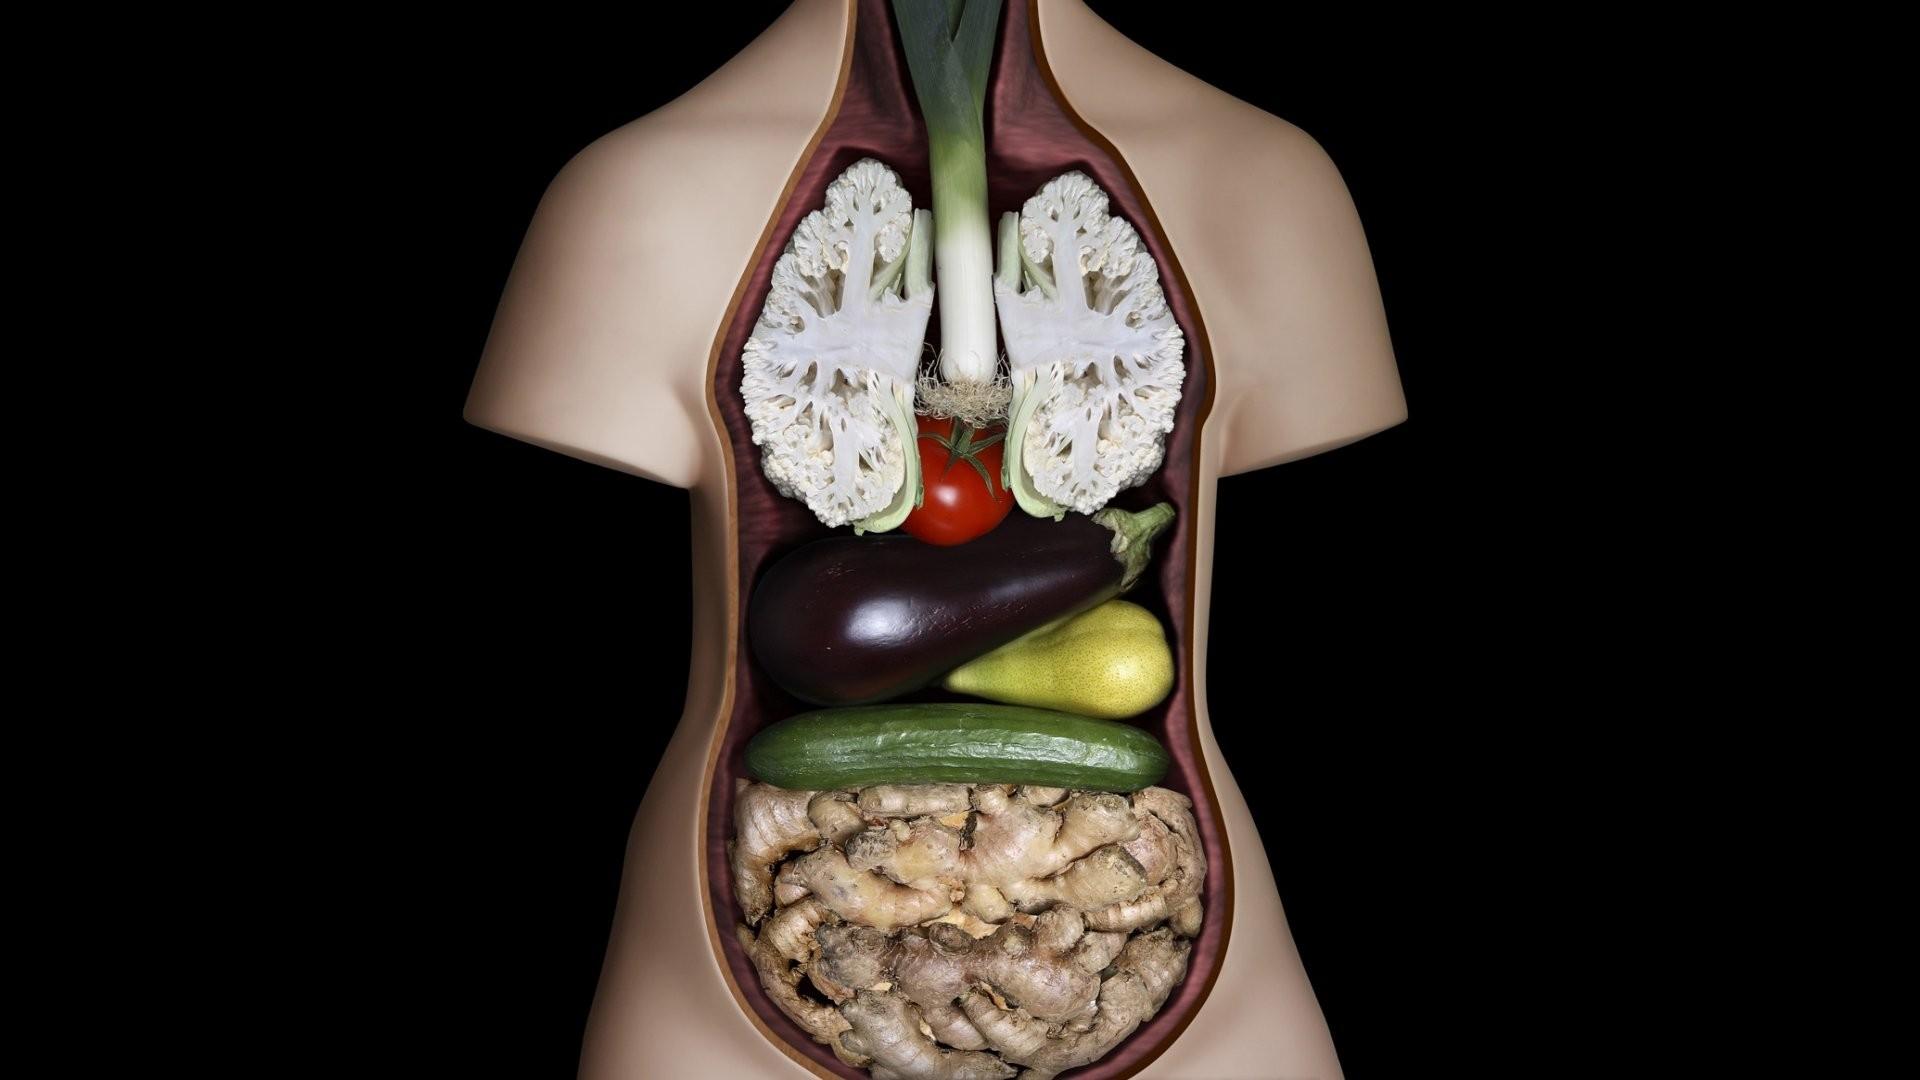 Fondos de pantalla : comida, fondo negro, humor, vegetales, Tripas ...